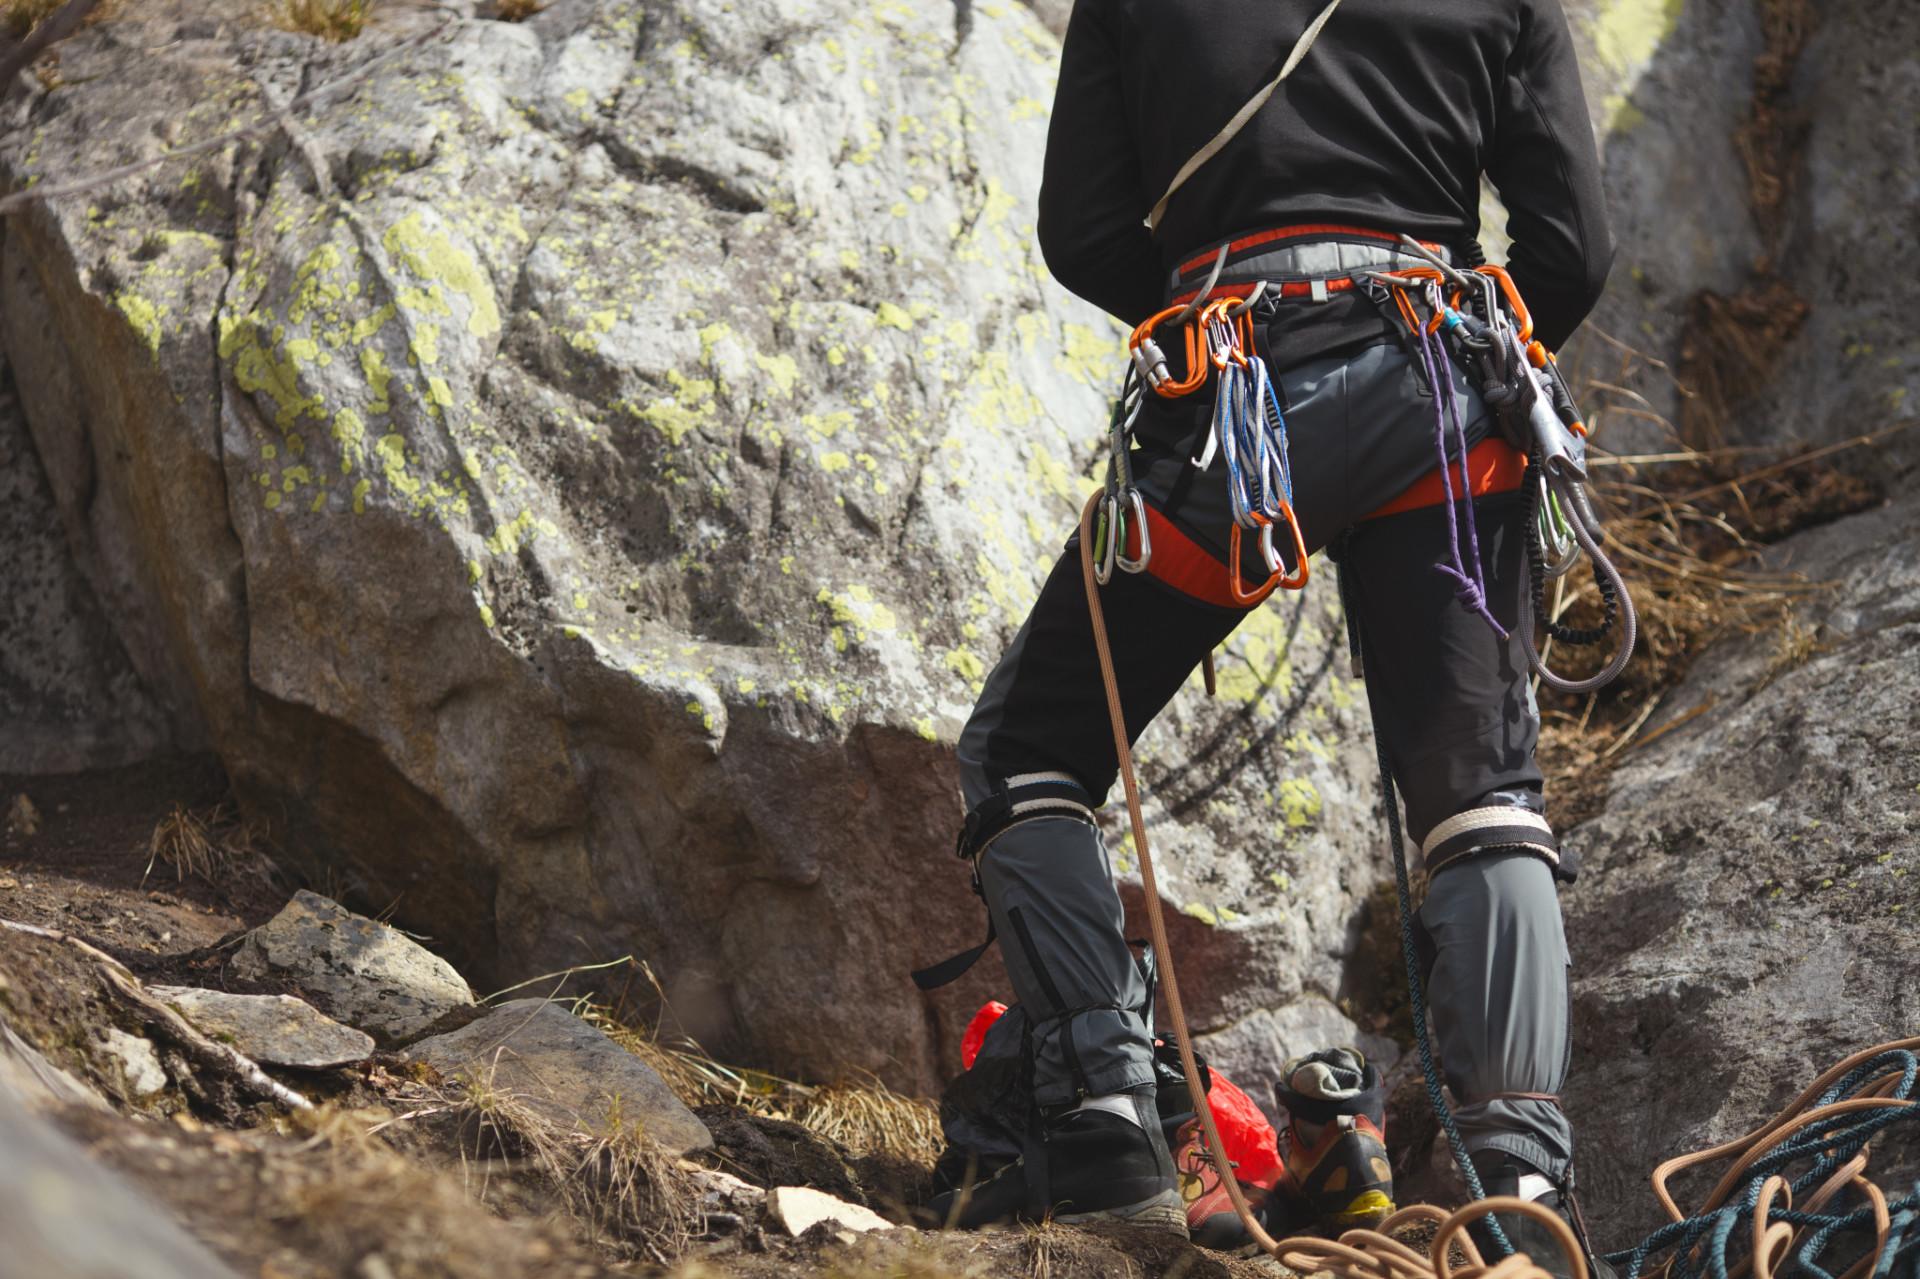 Kletterer mit Kletterseil und Ausrüstung